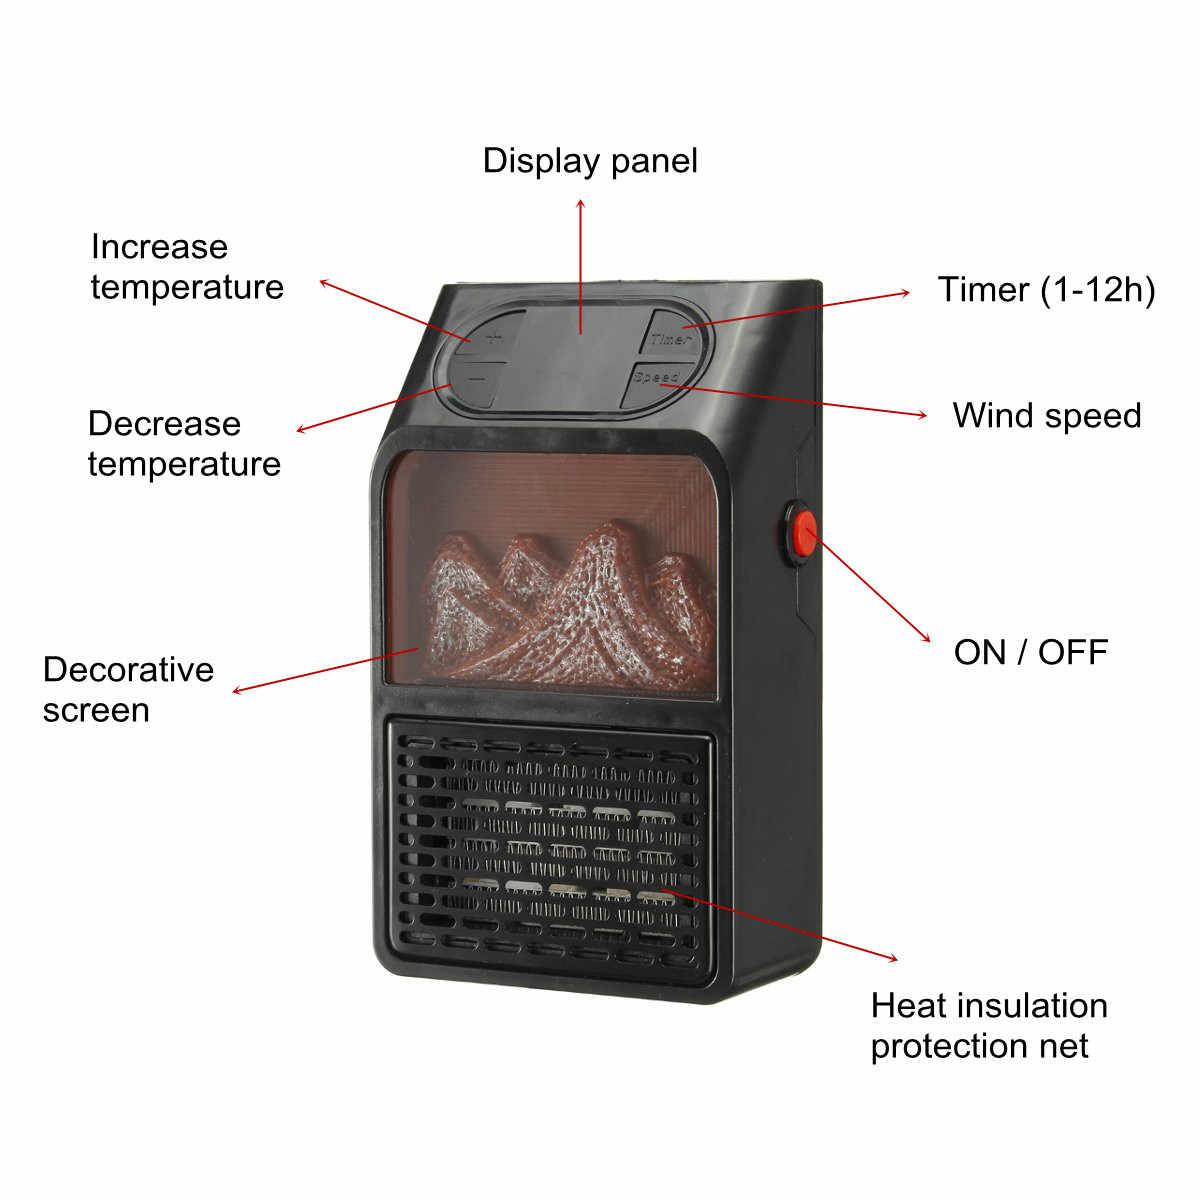 Mini radiateur électrique prise dans la prise murale chauffage 2 niveaux réchauffeur d'air PTC céramique chauffage poêle radiateur ménage mur ventilateur pratique